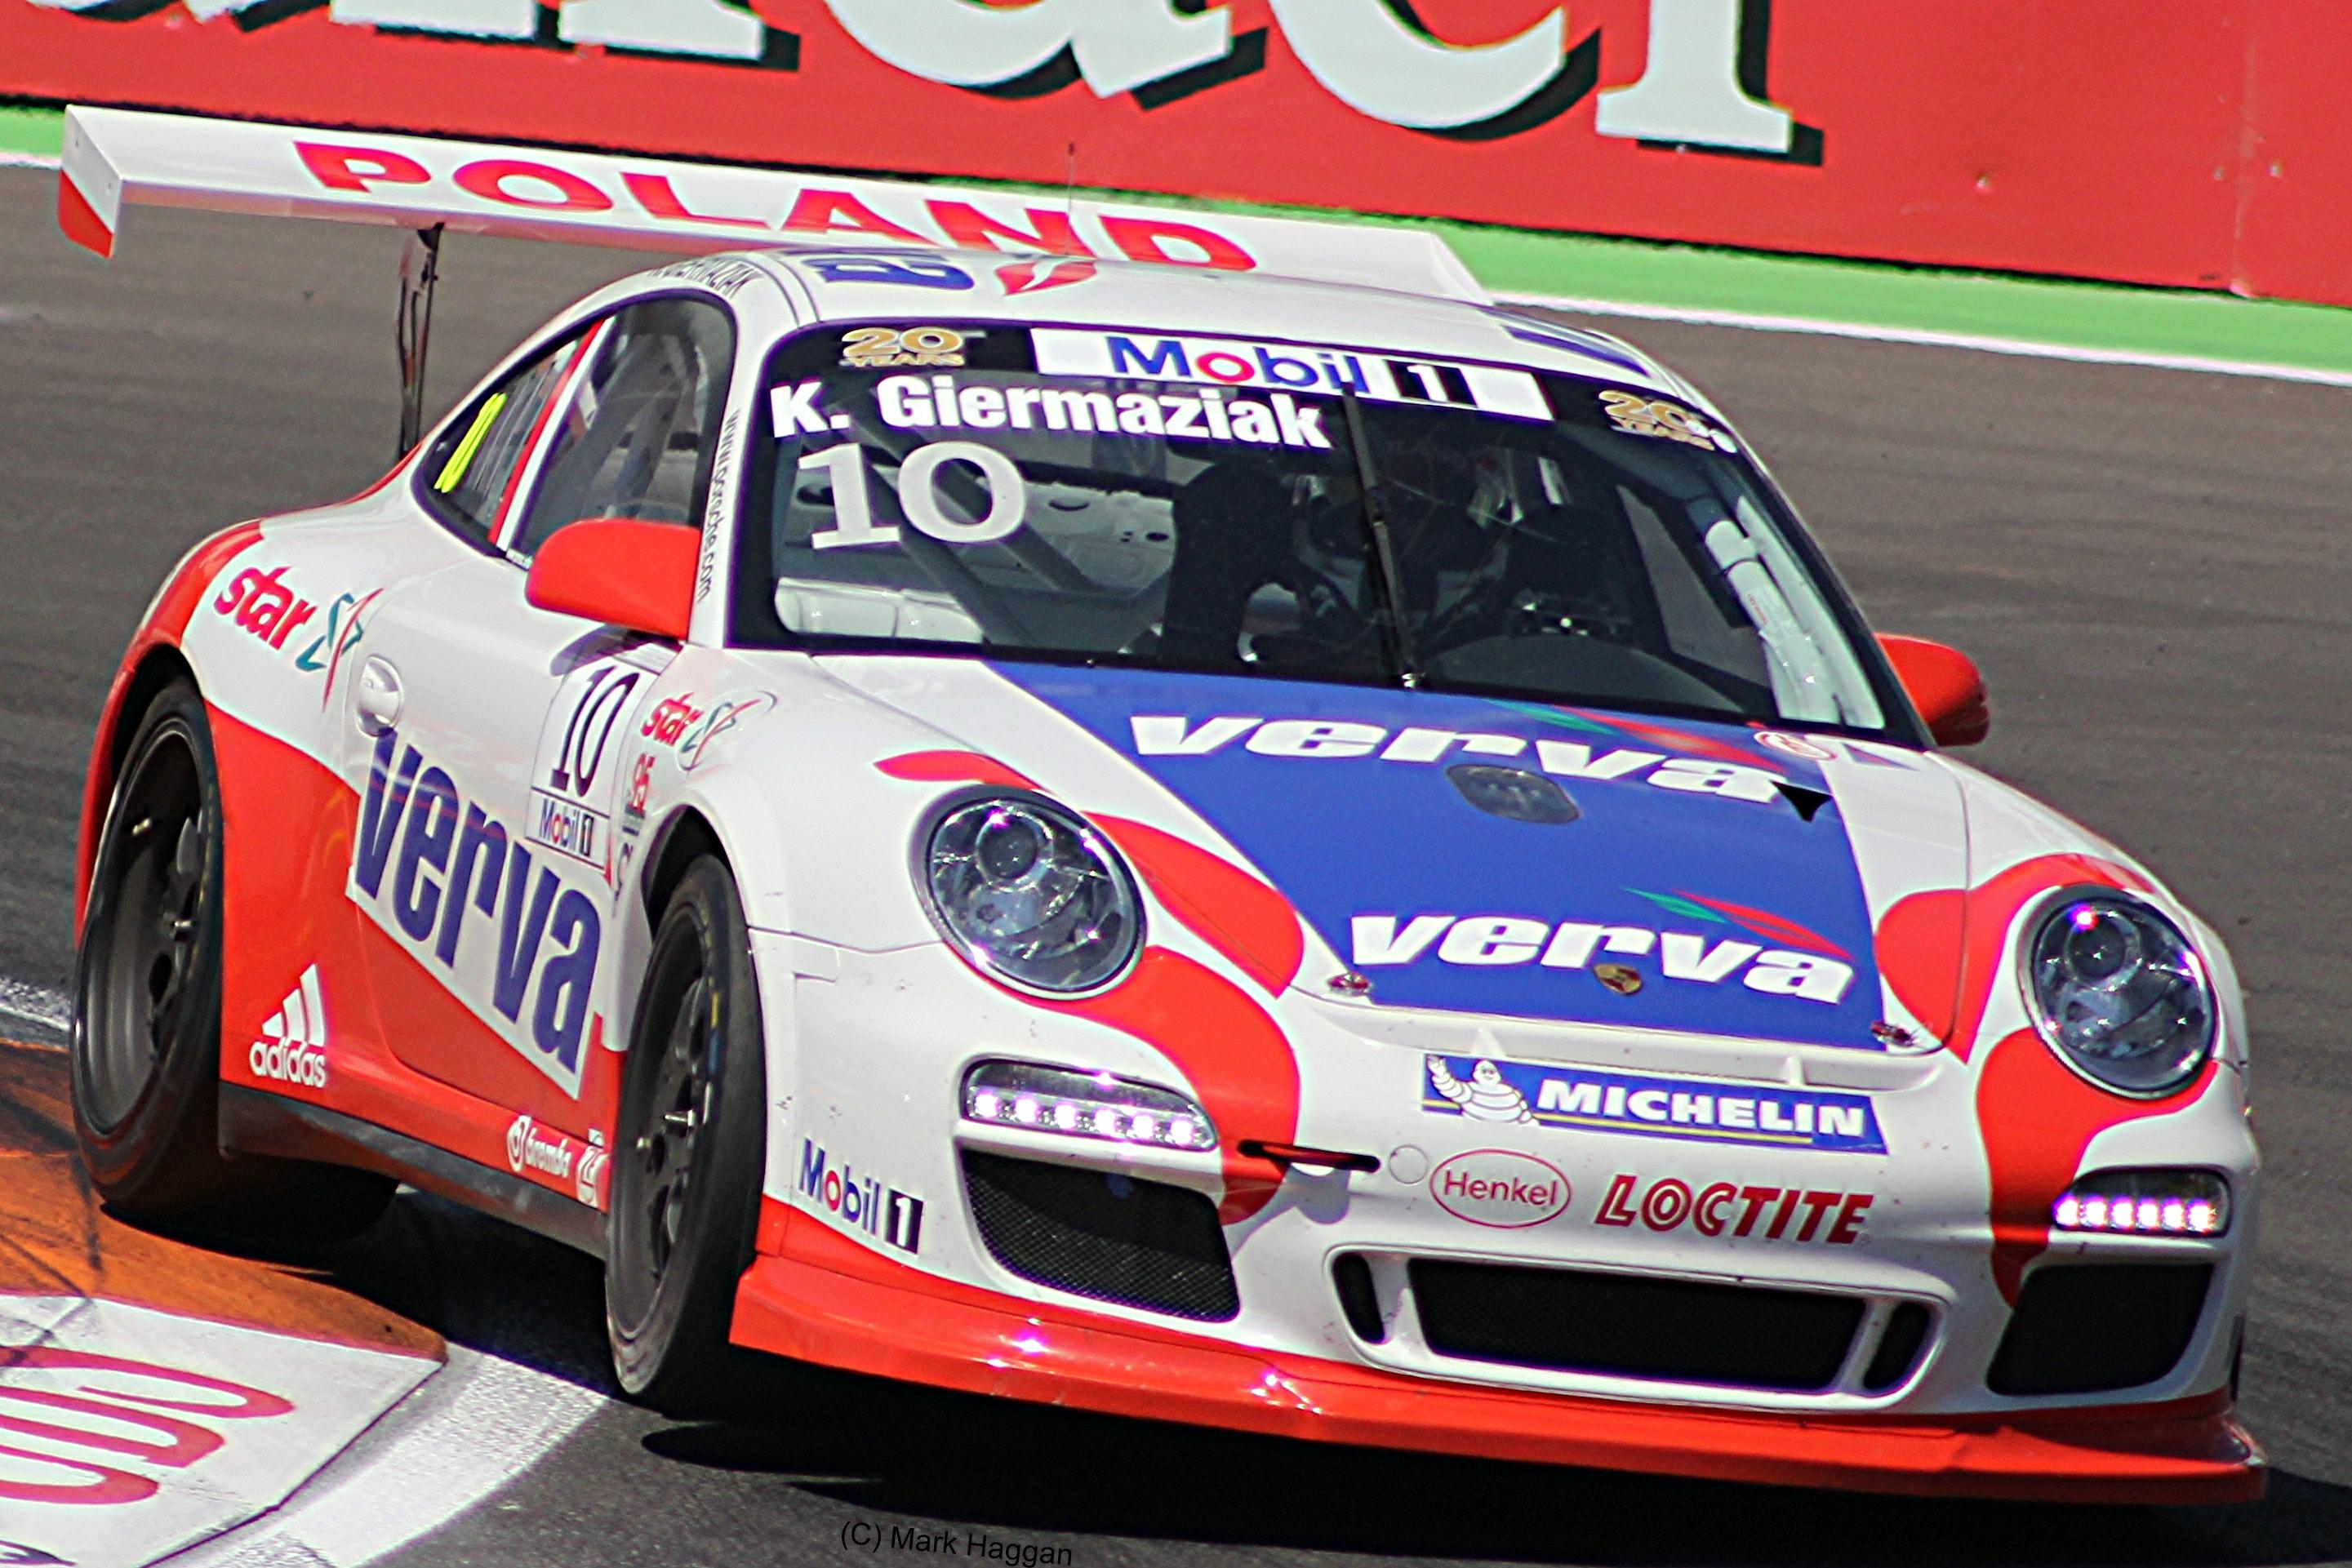 descargar carrera f1 valencia 2012